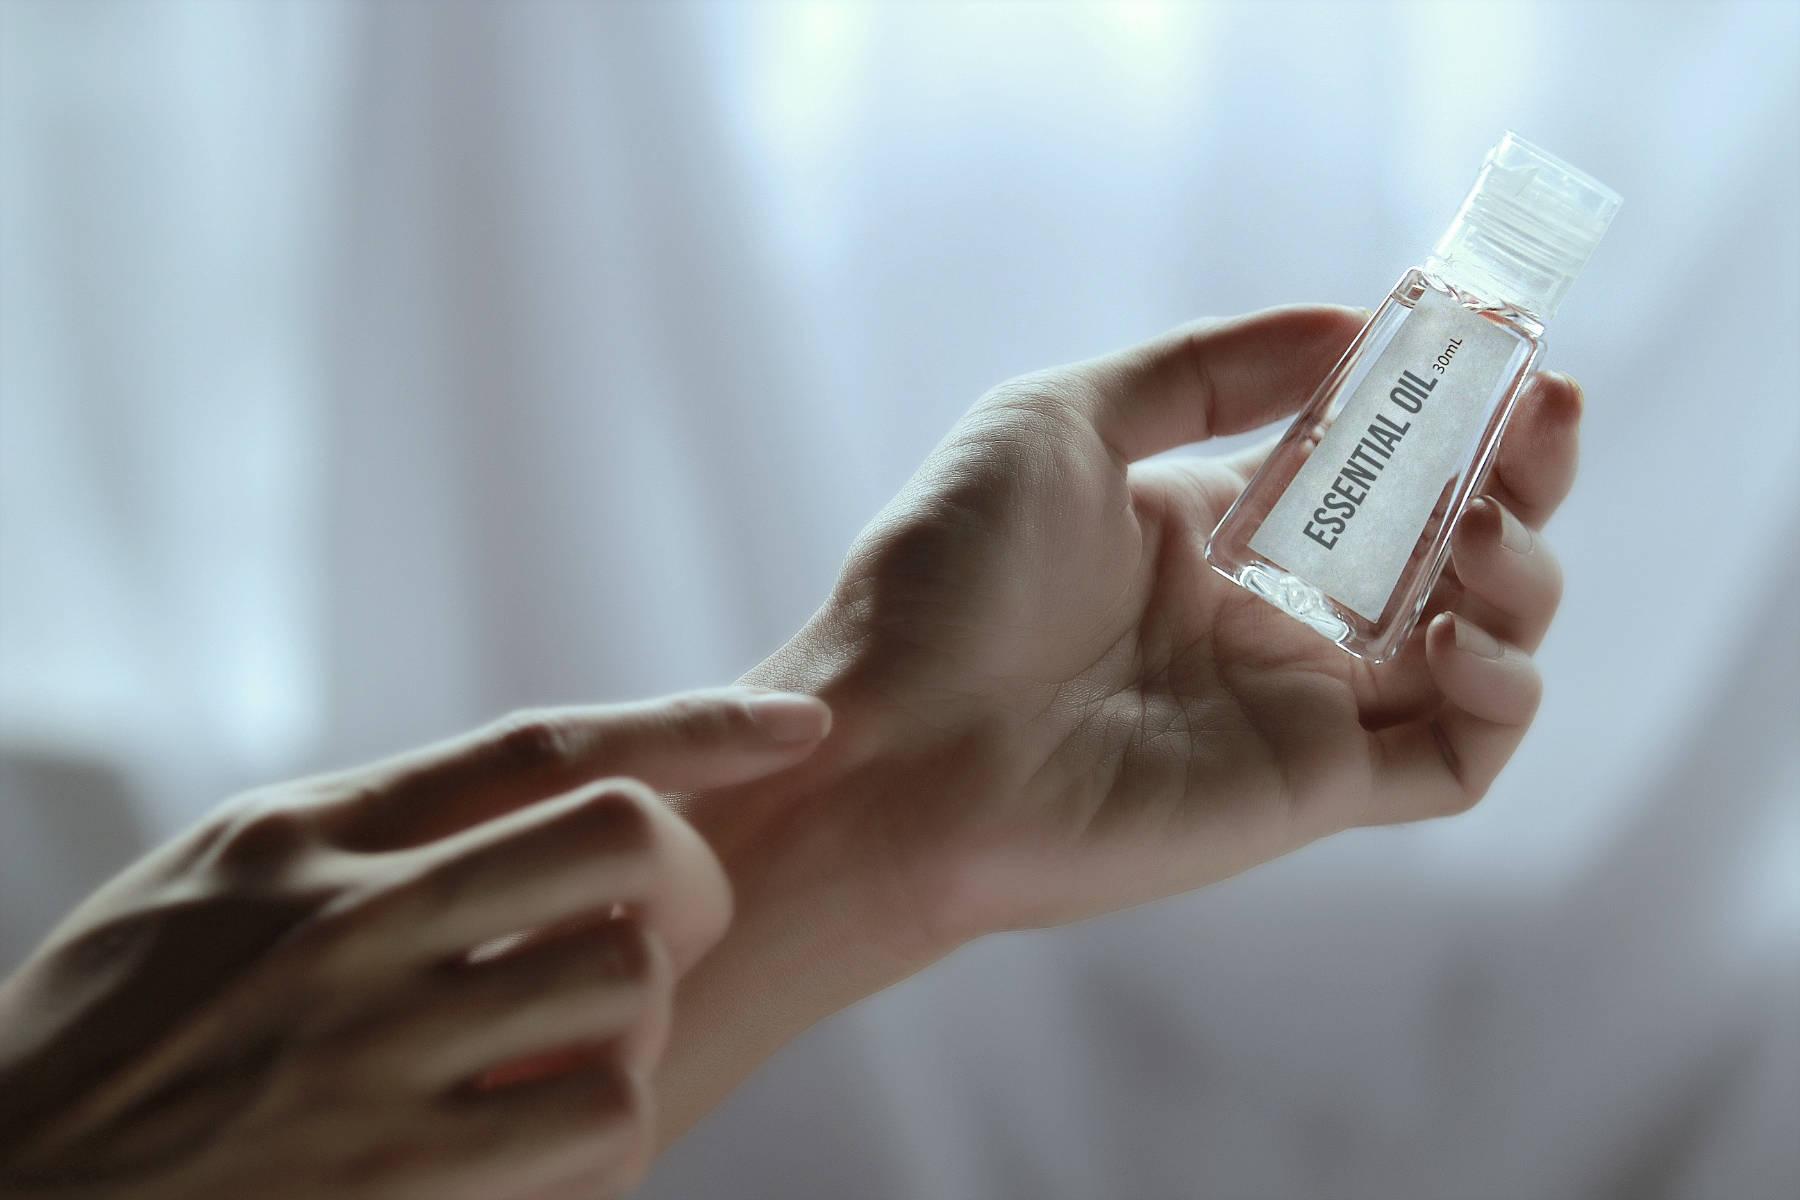 Des revêtements polymères à base d'huiles essentielles pour lutter contre les infections bactériennes